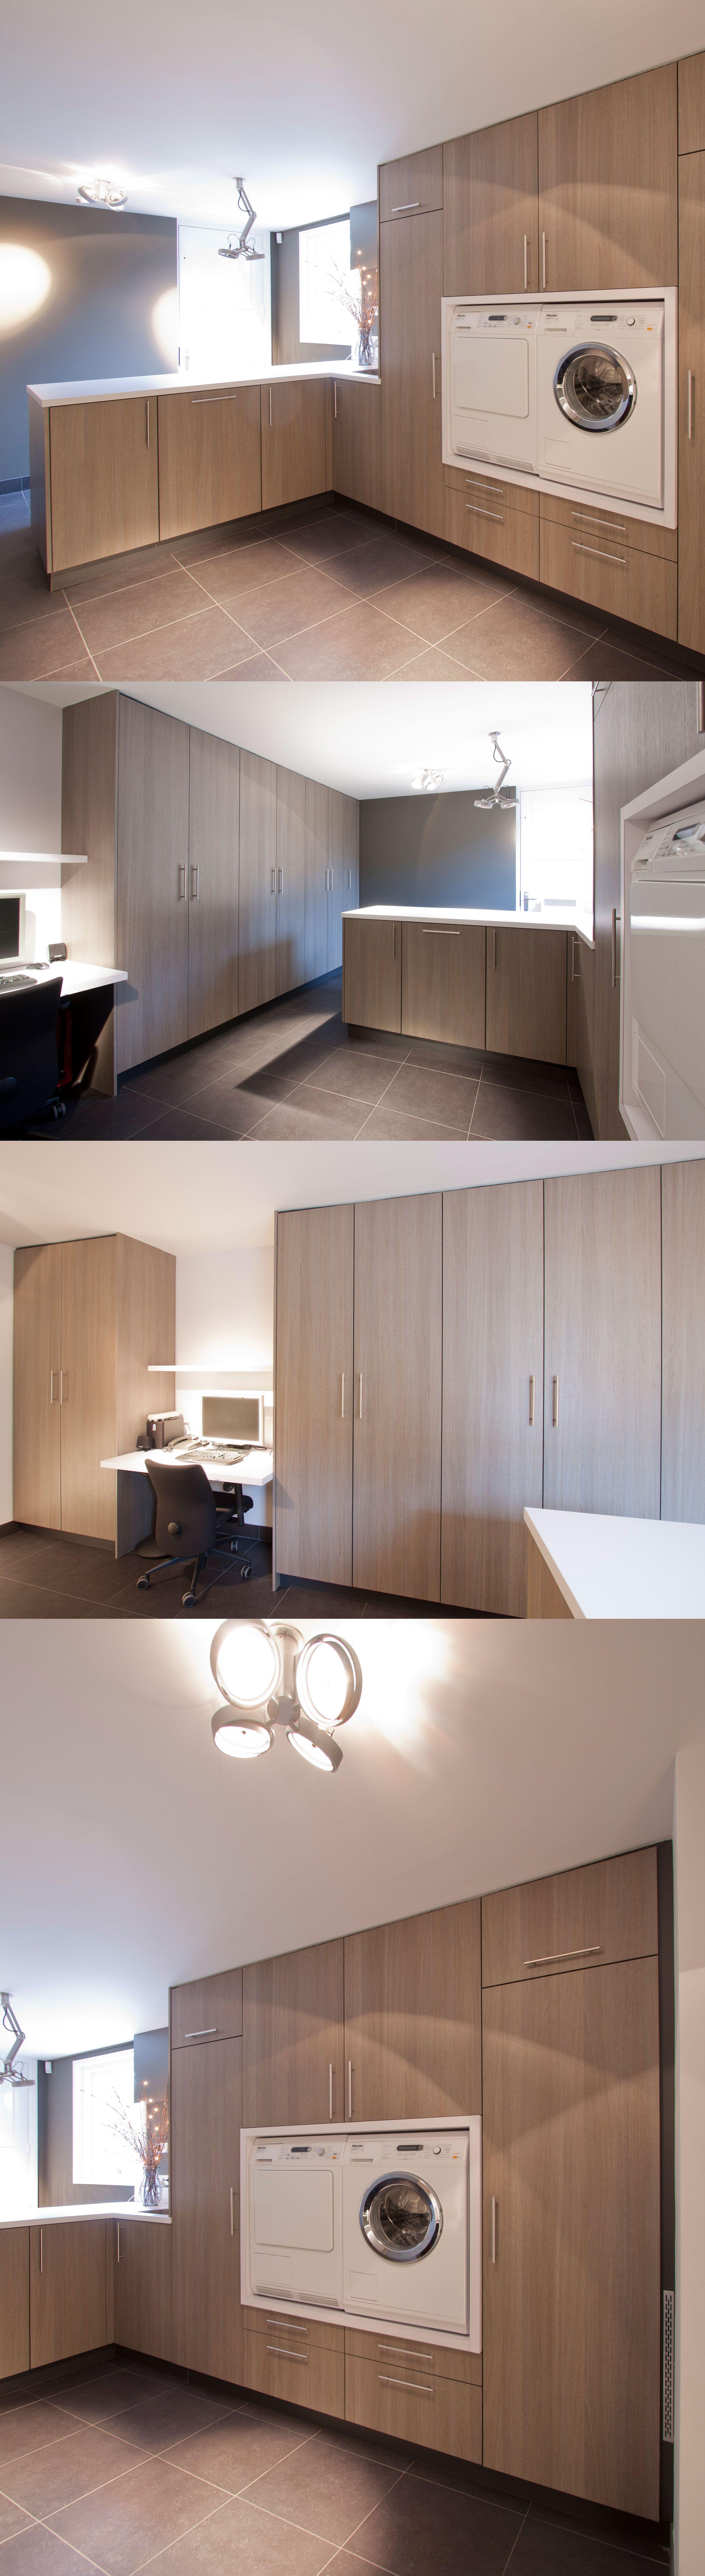 corne de keukenspecialist heeft het ontwerp 3d rendering. Black Bedroom Furniture Sets. Home Design Ideas